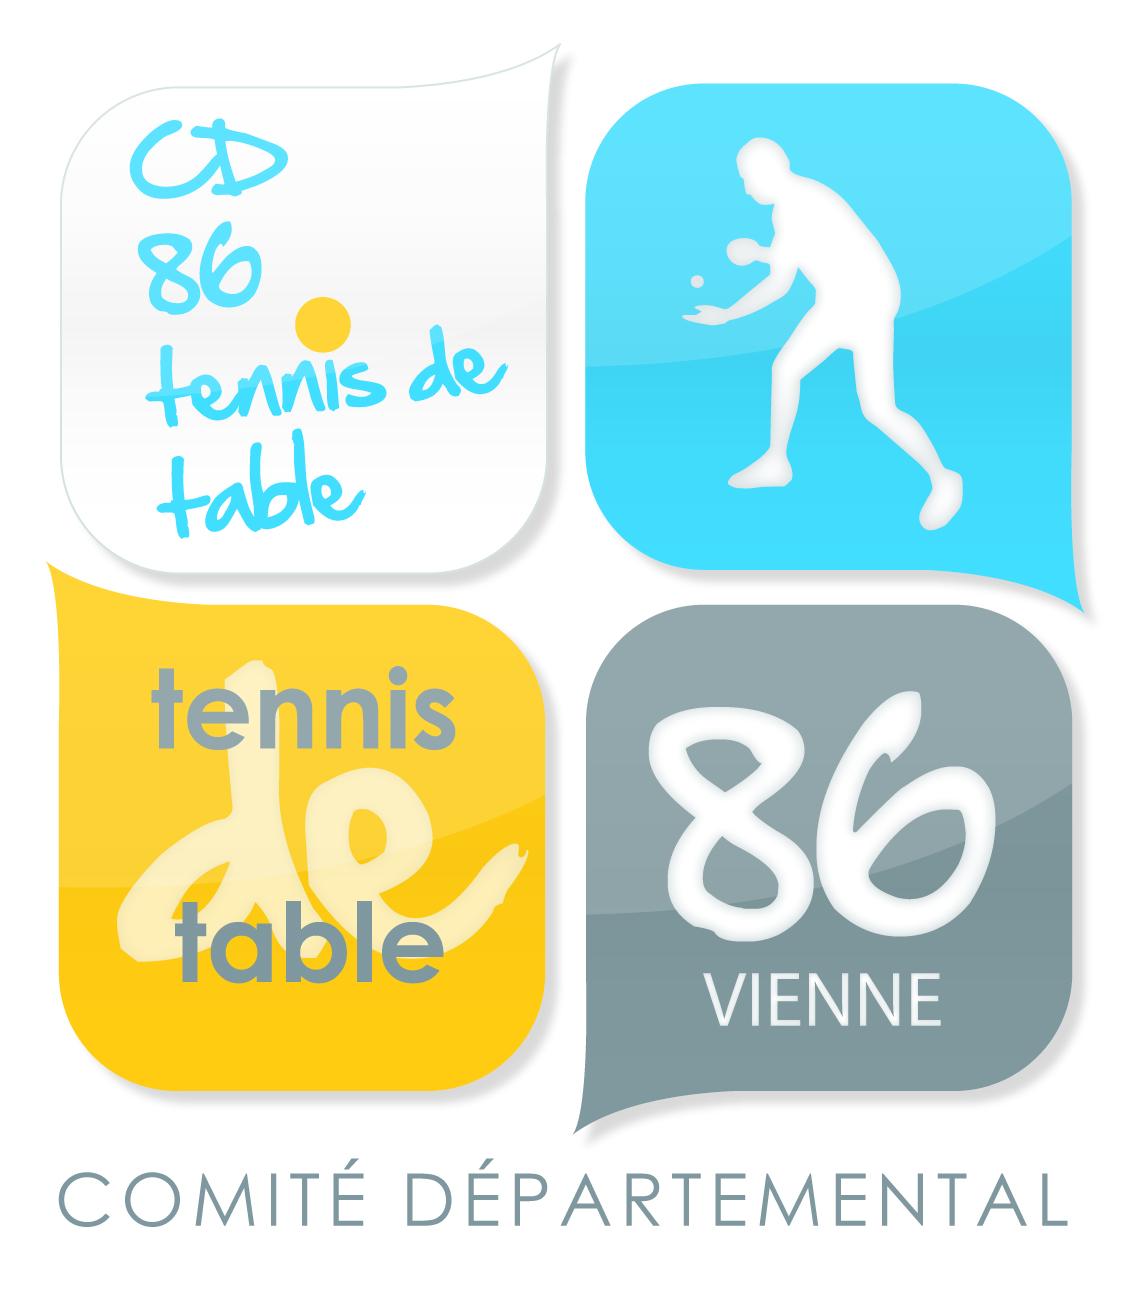 Us vivonne tt - Ligue idf tennis de table ...